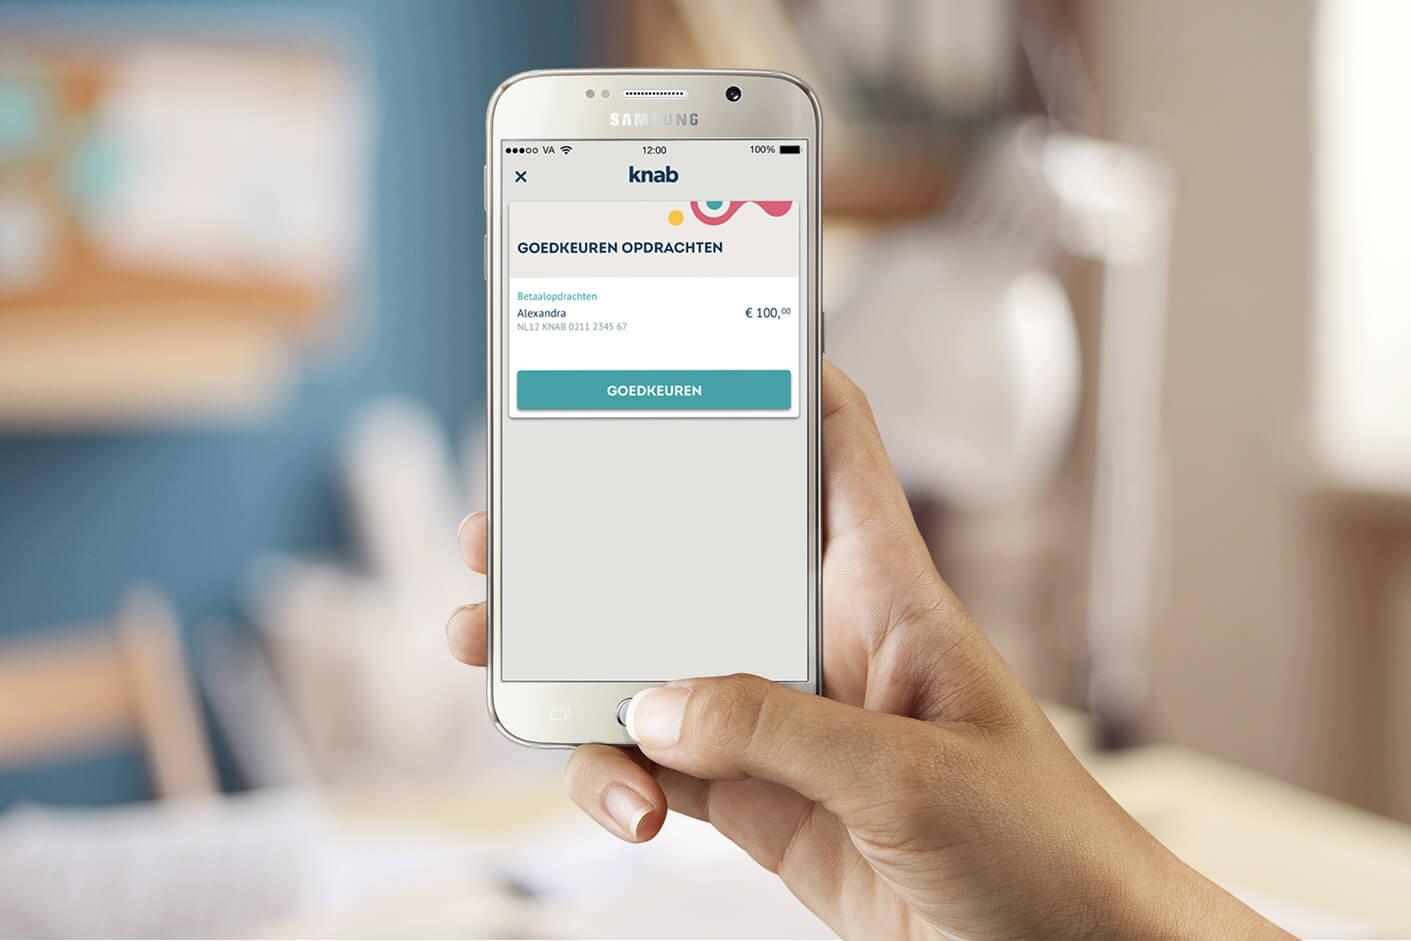 Knab telebankeren op smartphone